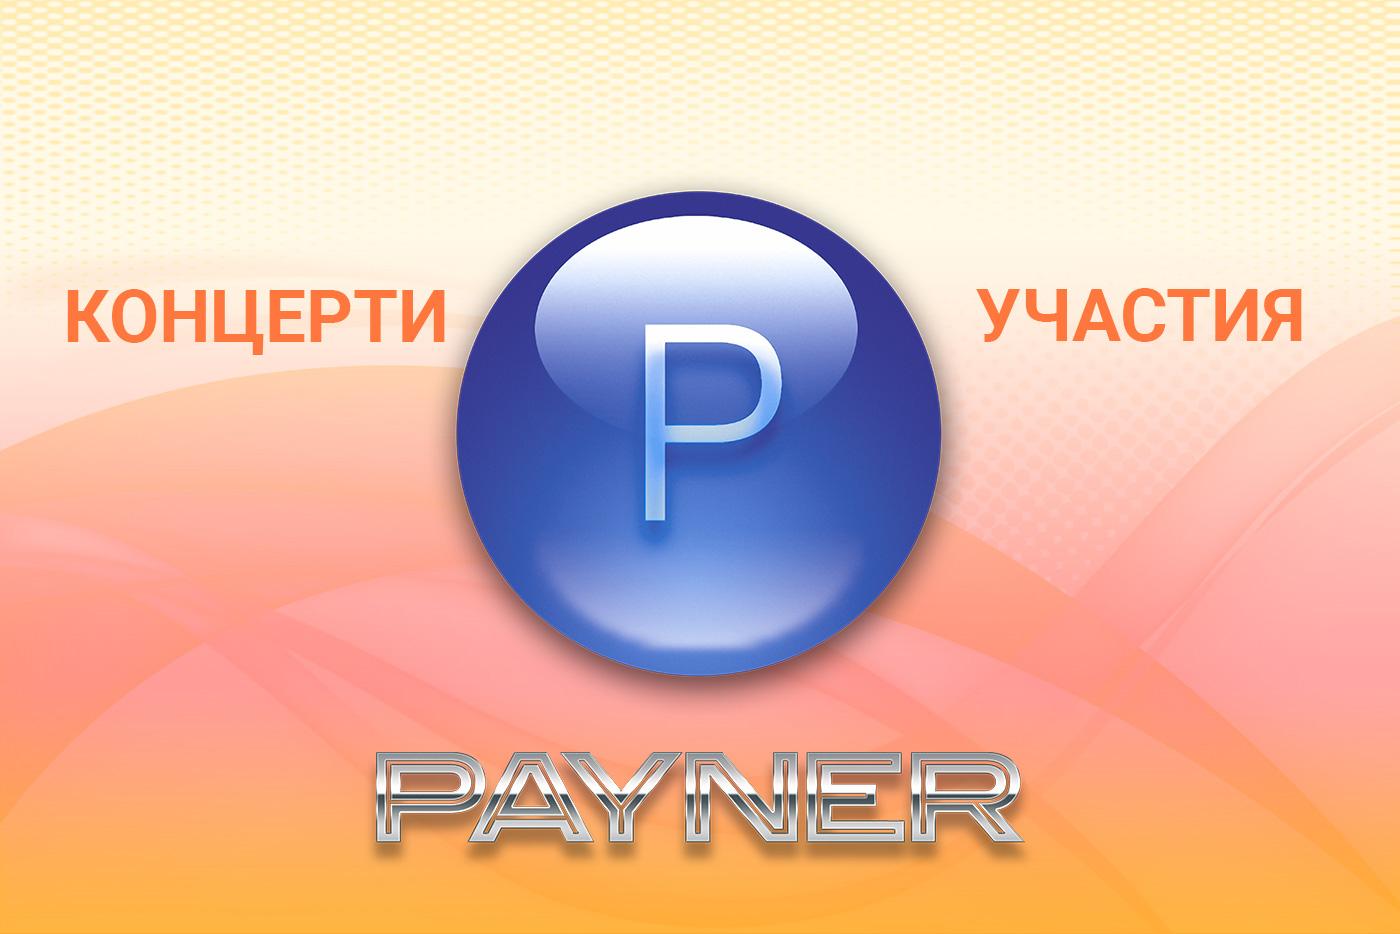 """Участия на звездите на """"Пайнер"""" на 11.01.2019"""